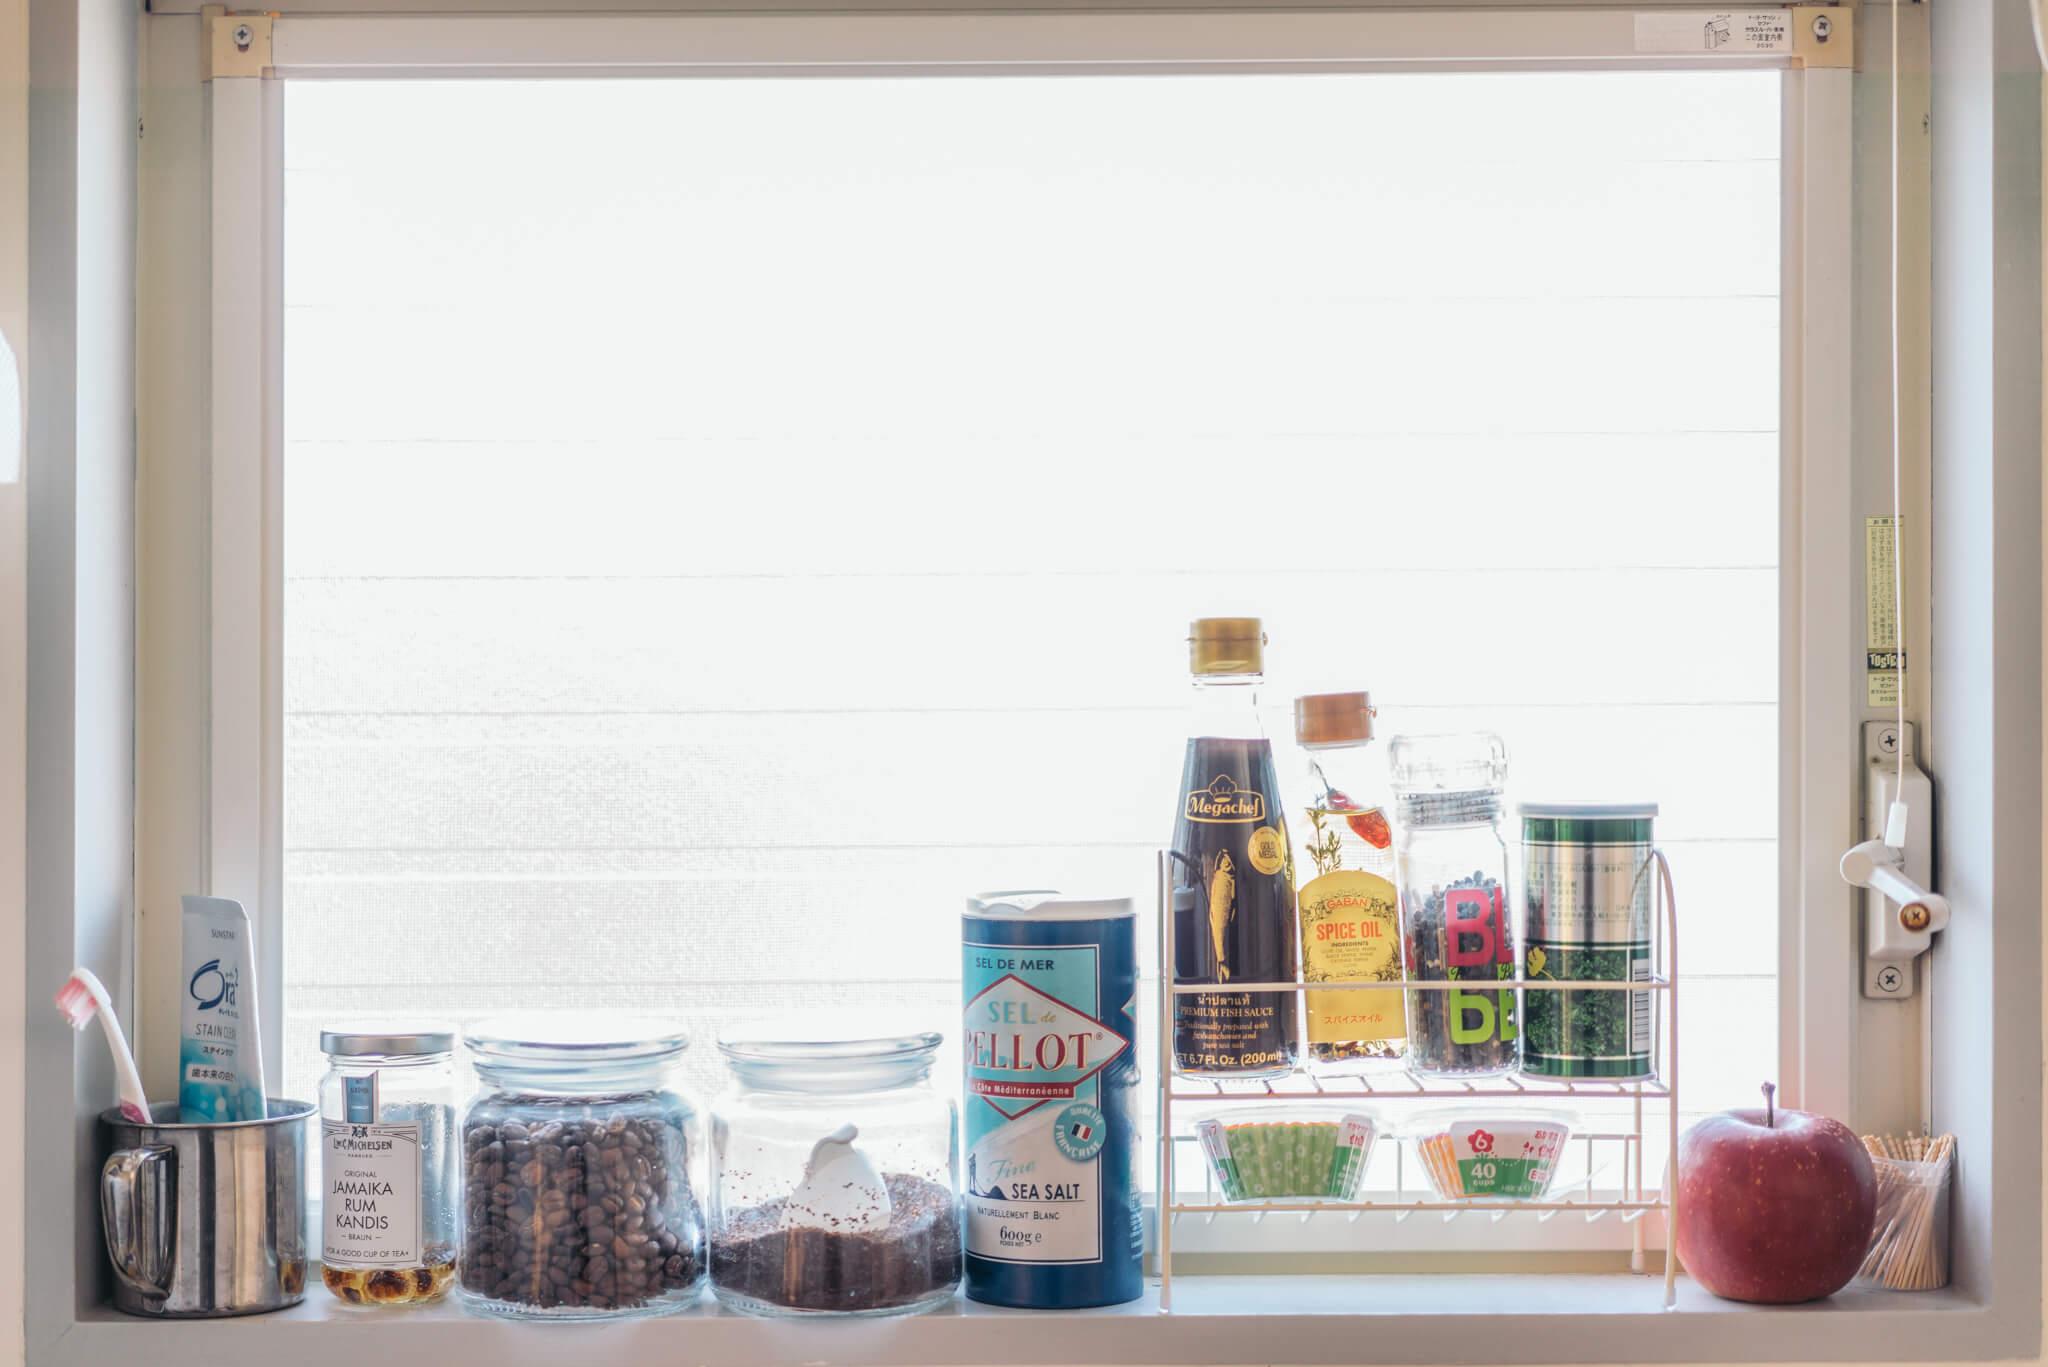 料理をよくするので、キッチンには小物を飾ったりせず、「掃除のしやすさ重視!」とのことですが、ここも、食材やコーヒー豆がきちんと整理して置かれているだけで絵になってますね。